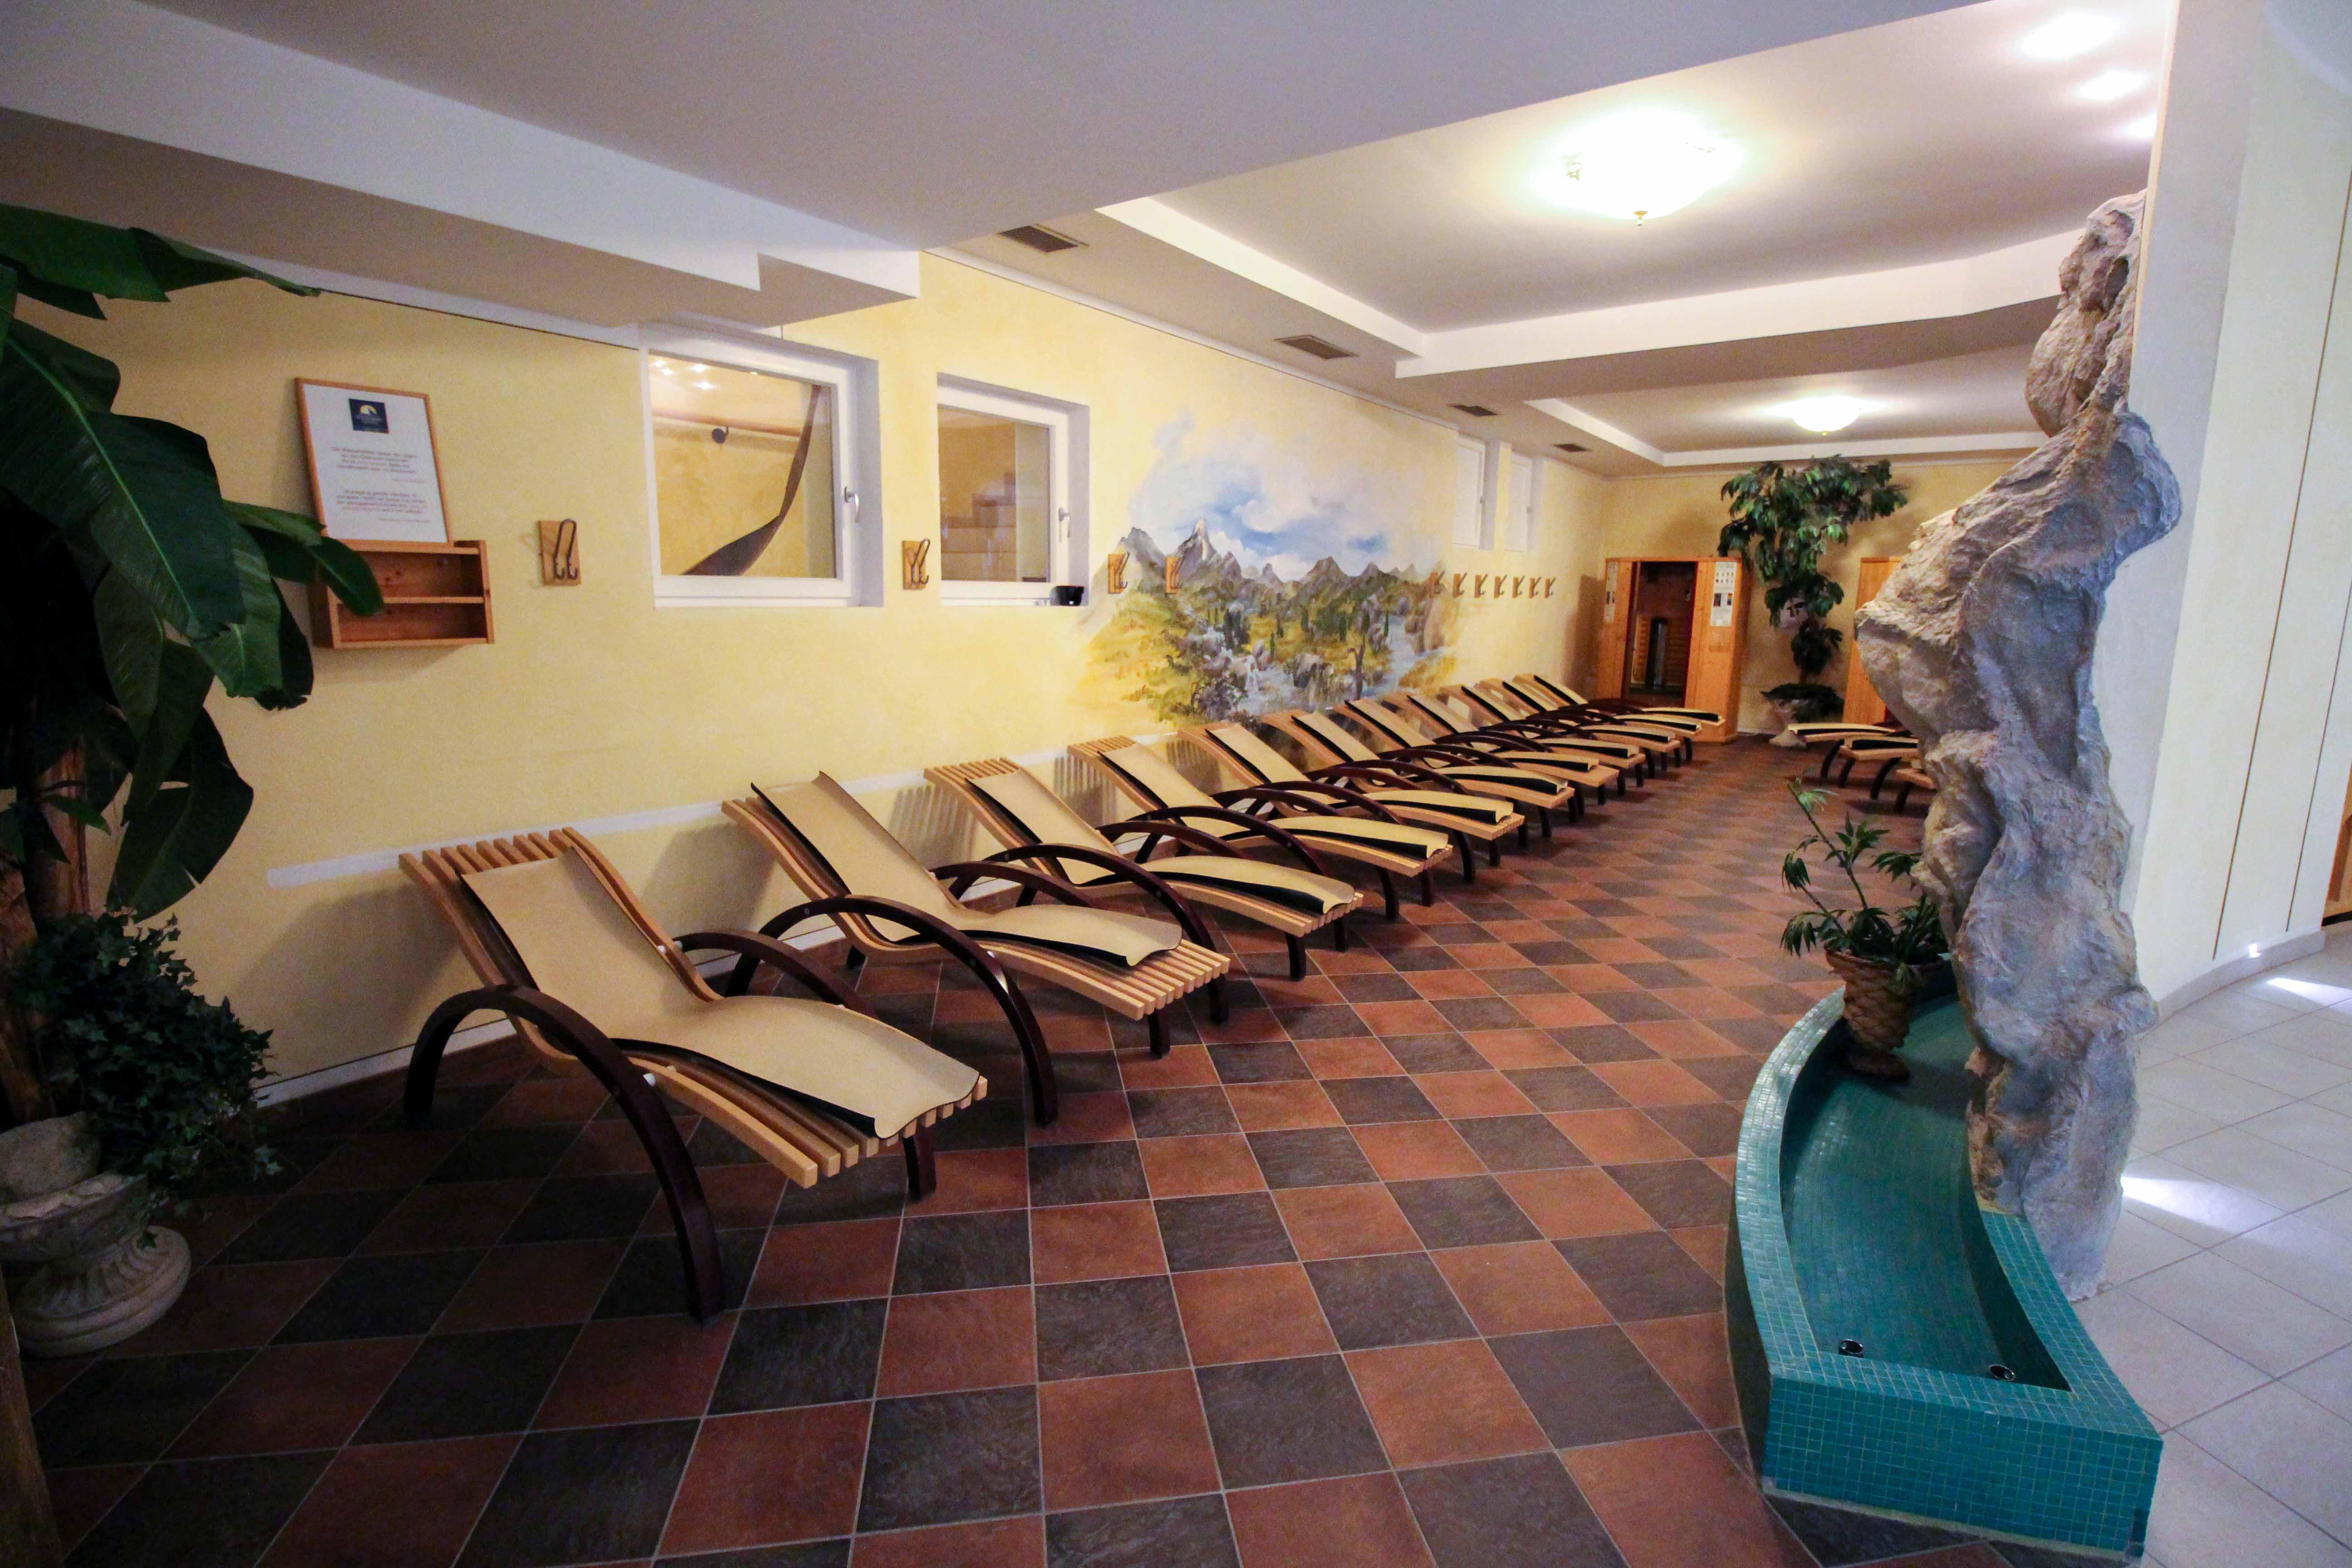 Südtirol Hotel Schneeberg Resort Spa Wellnessbereich Ruheraum Italien Wellnesshotel Reiseblog Wellnessurlaub Kurzurlaub Hotelempfehlung Skiurlaub